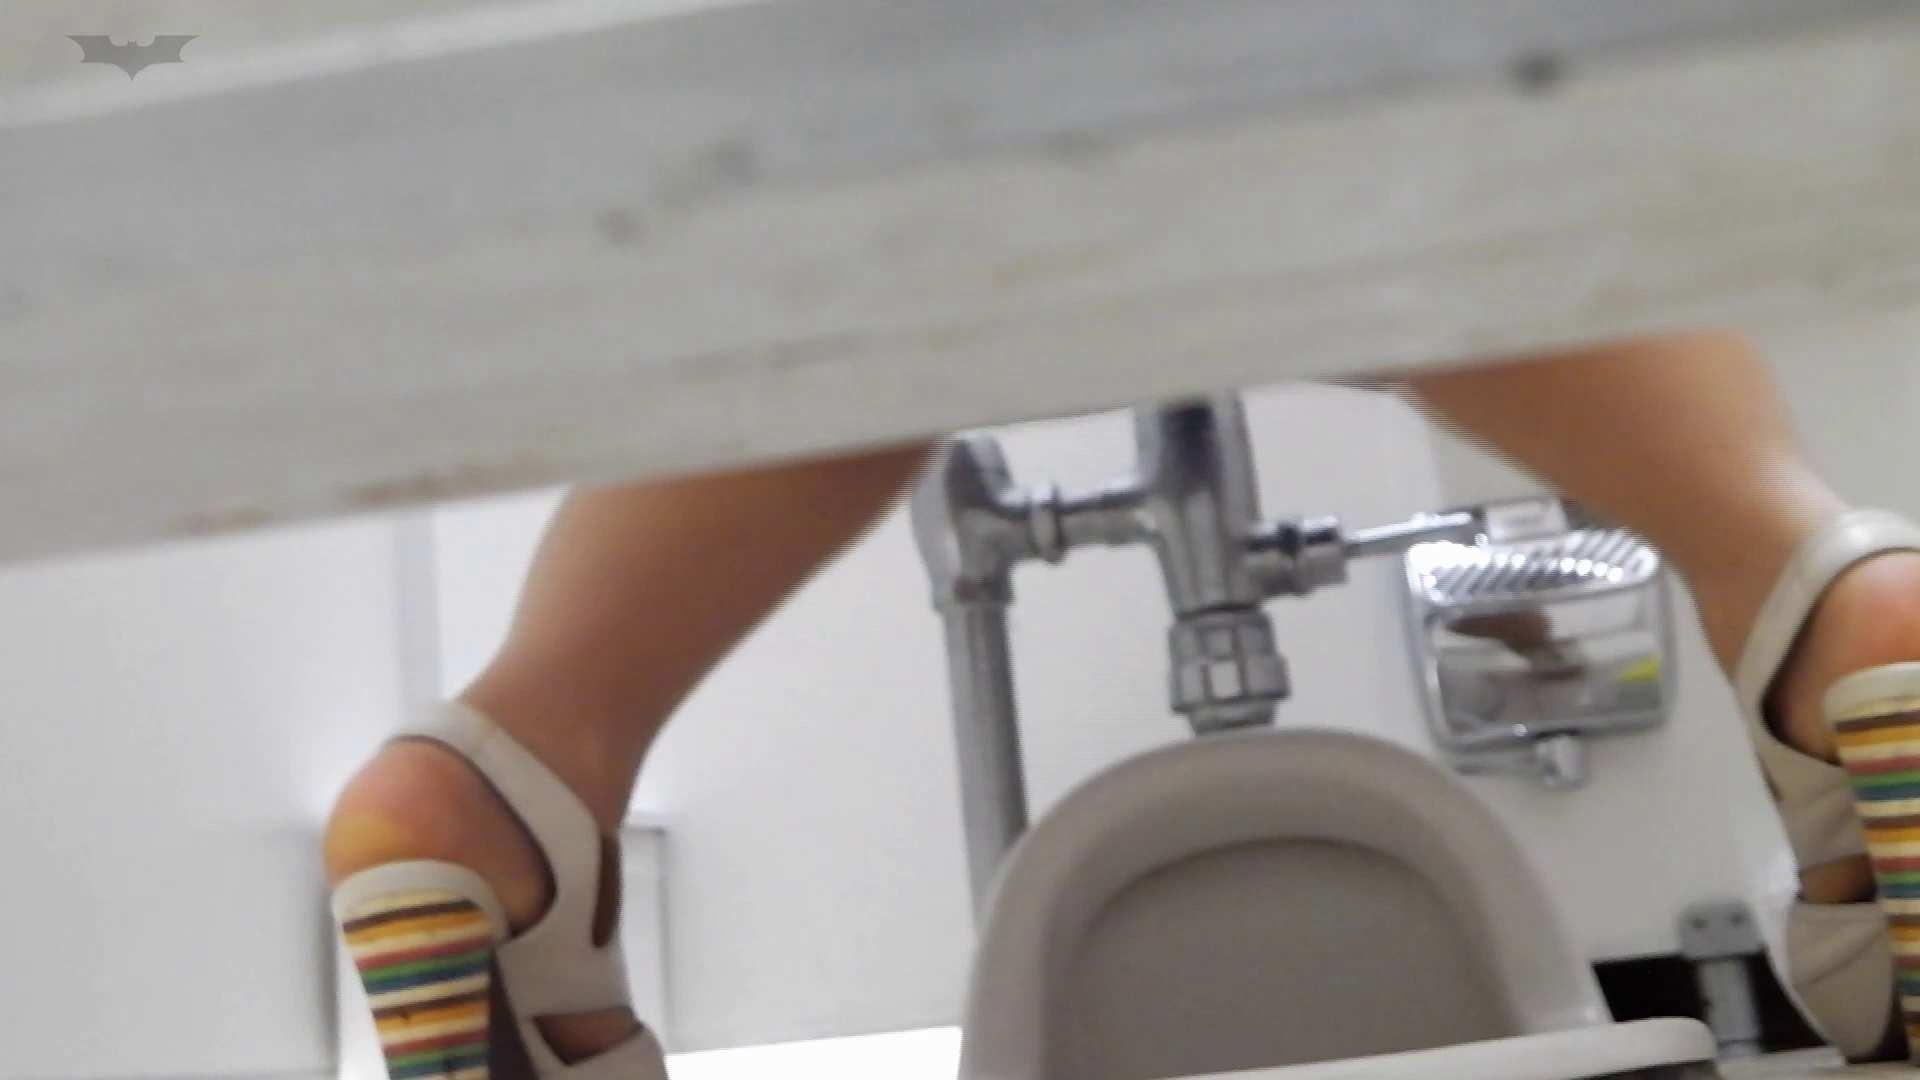 巨乳 乳首:美しい日本の未来 No.20 感謝の気持ちを込めてサプライズ価格!!:怪盗ジョーカー